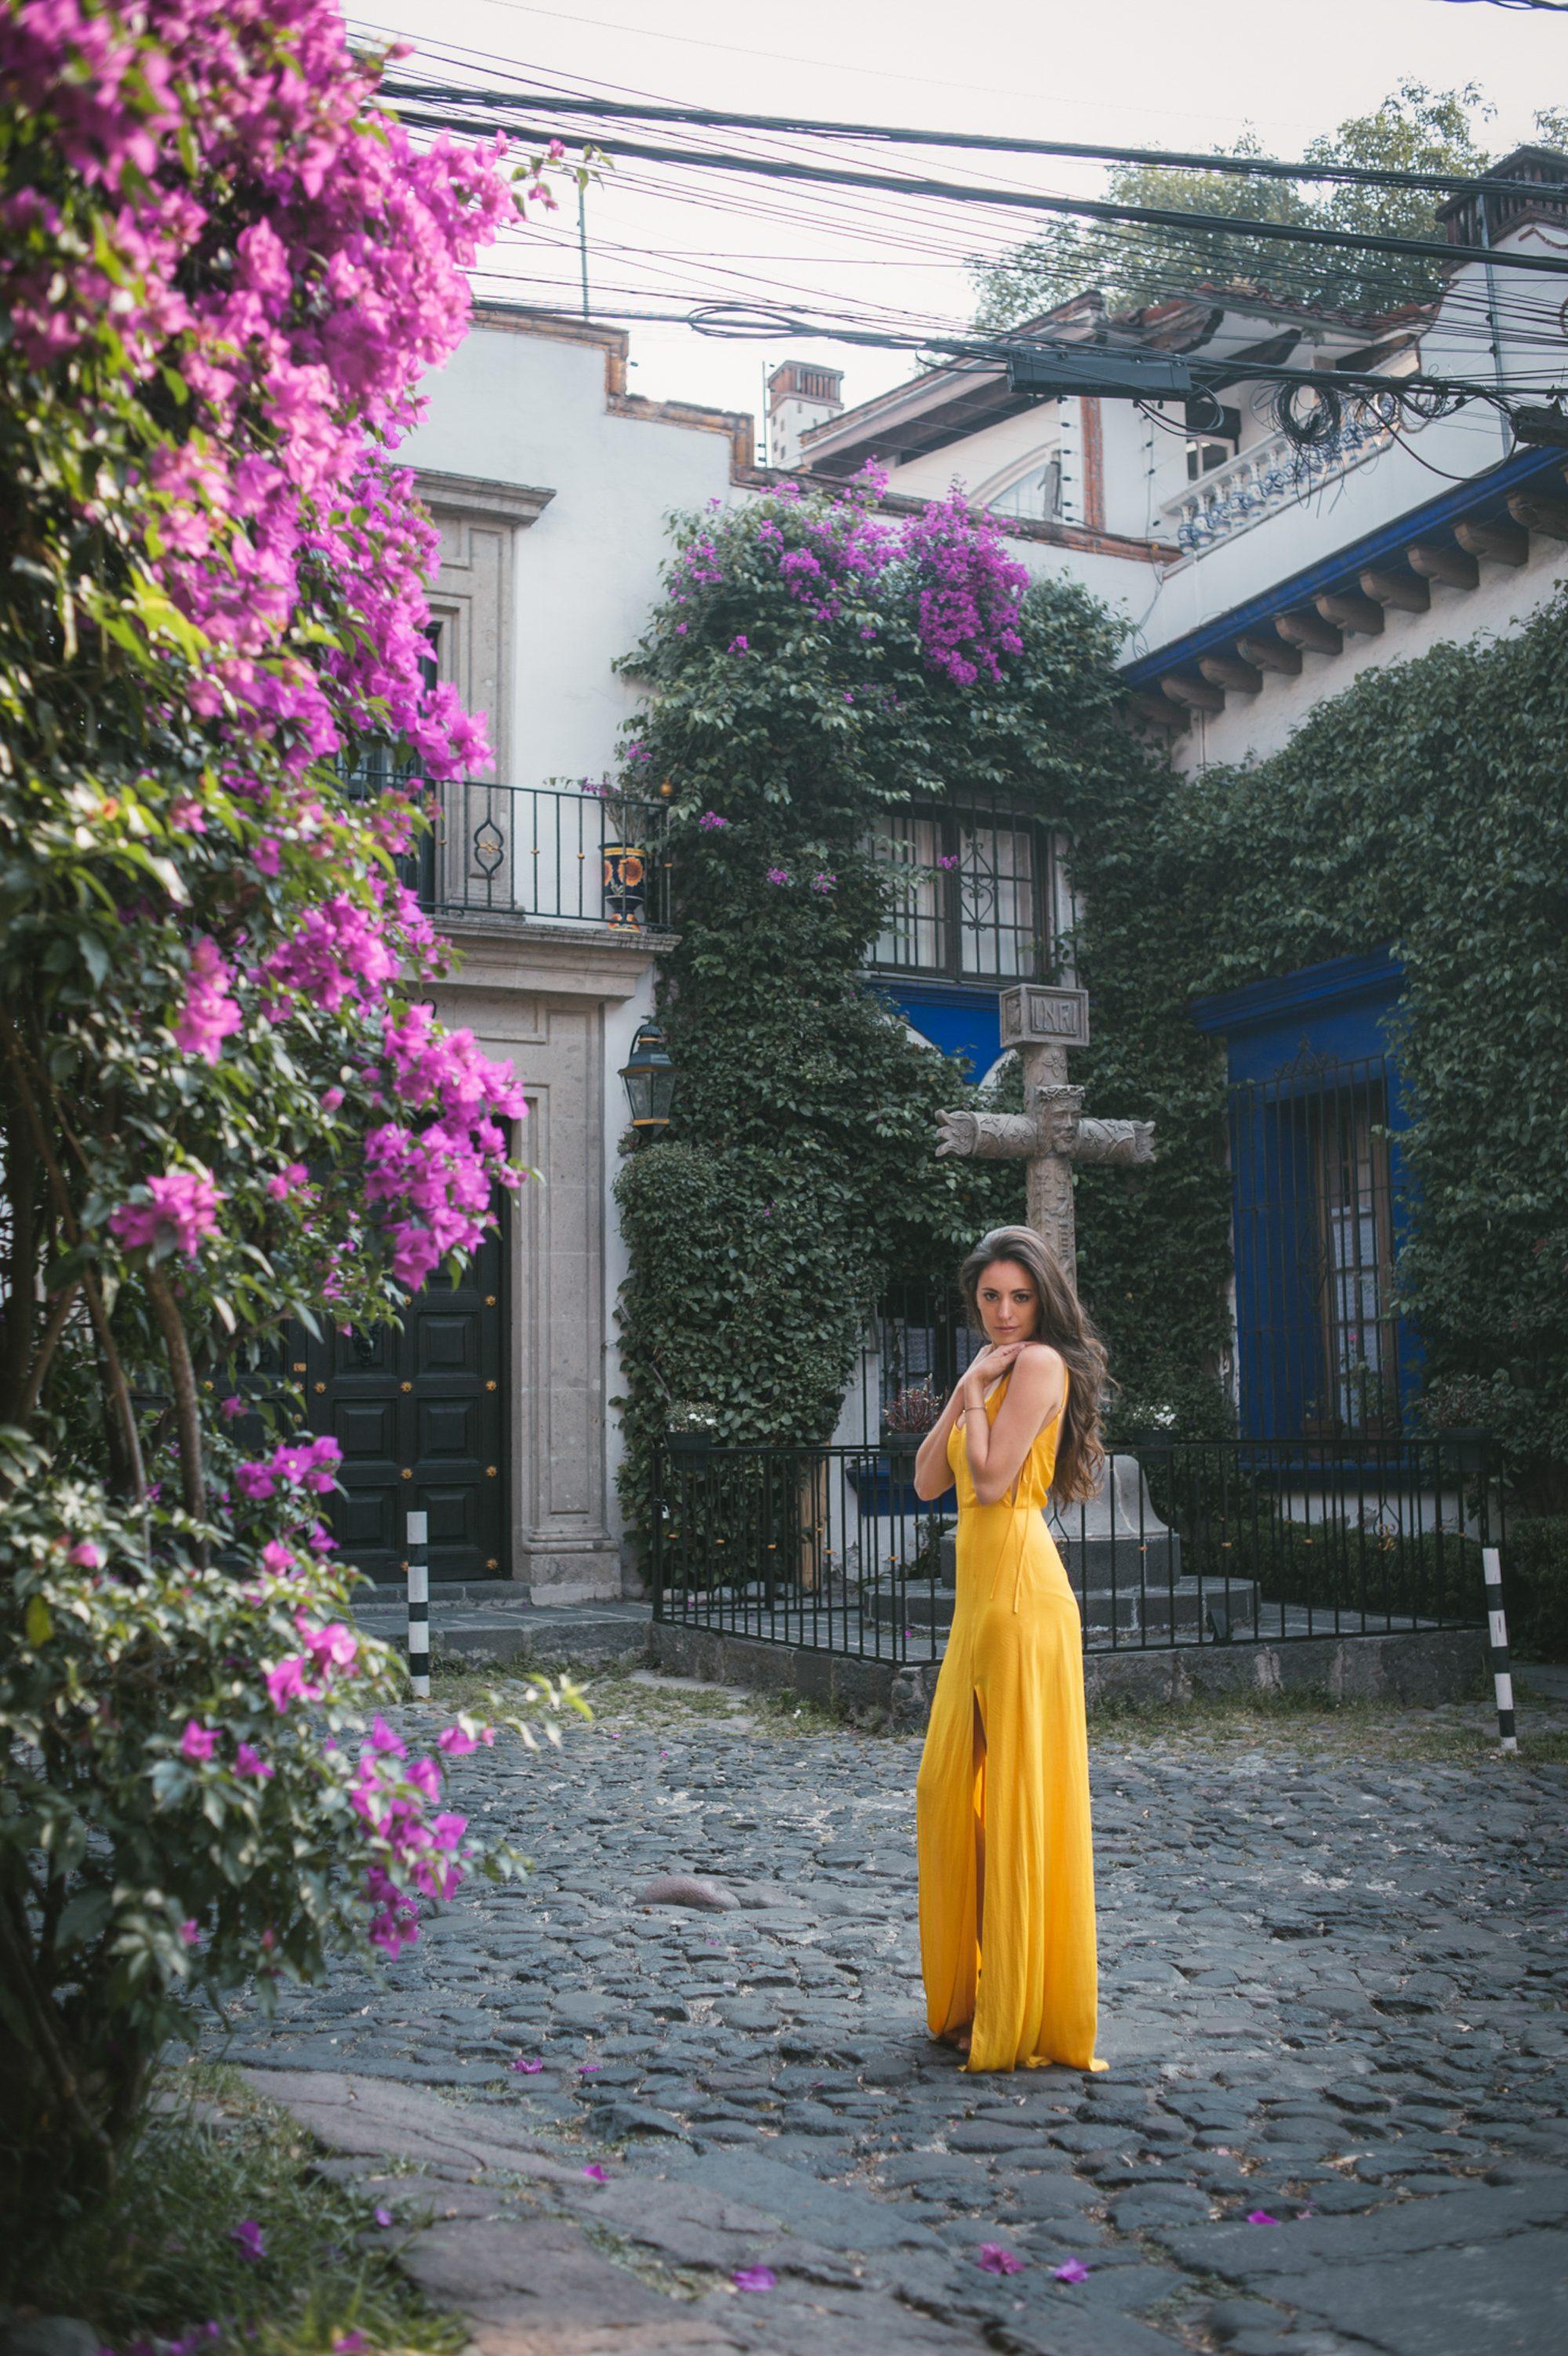 san angel mexico city, Castillo de Chapultepec, mexico city, Plaza de los Arcángeles san angel mexico city, valeria castillo photography, bloggers in mexico city, where to go in mexico city, flower wall in mexico city